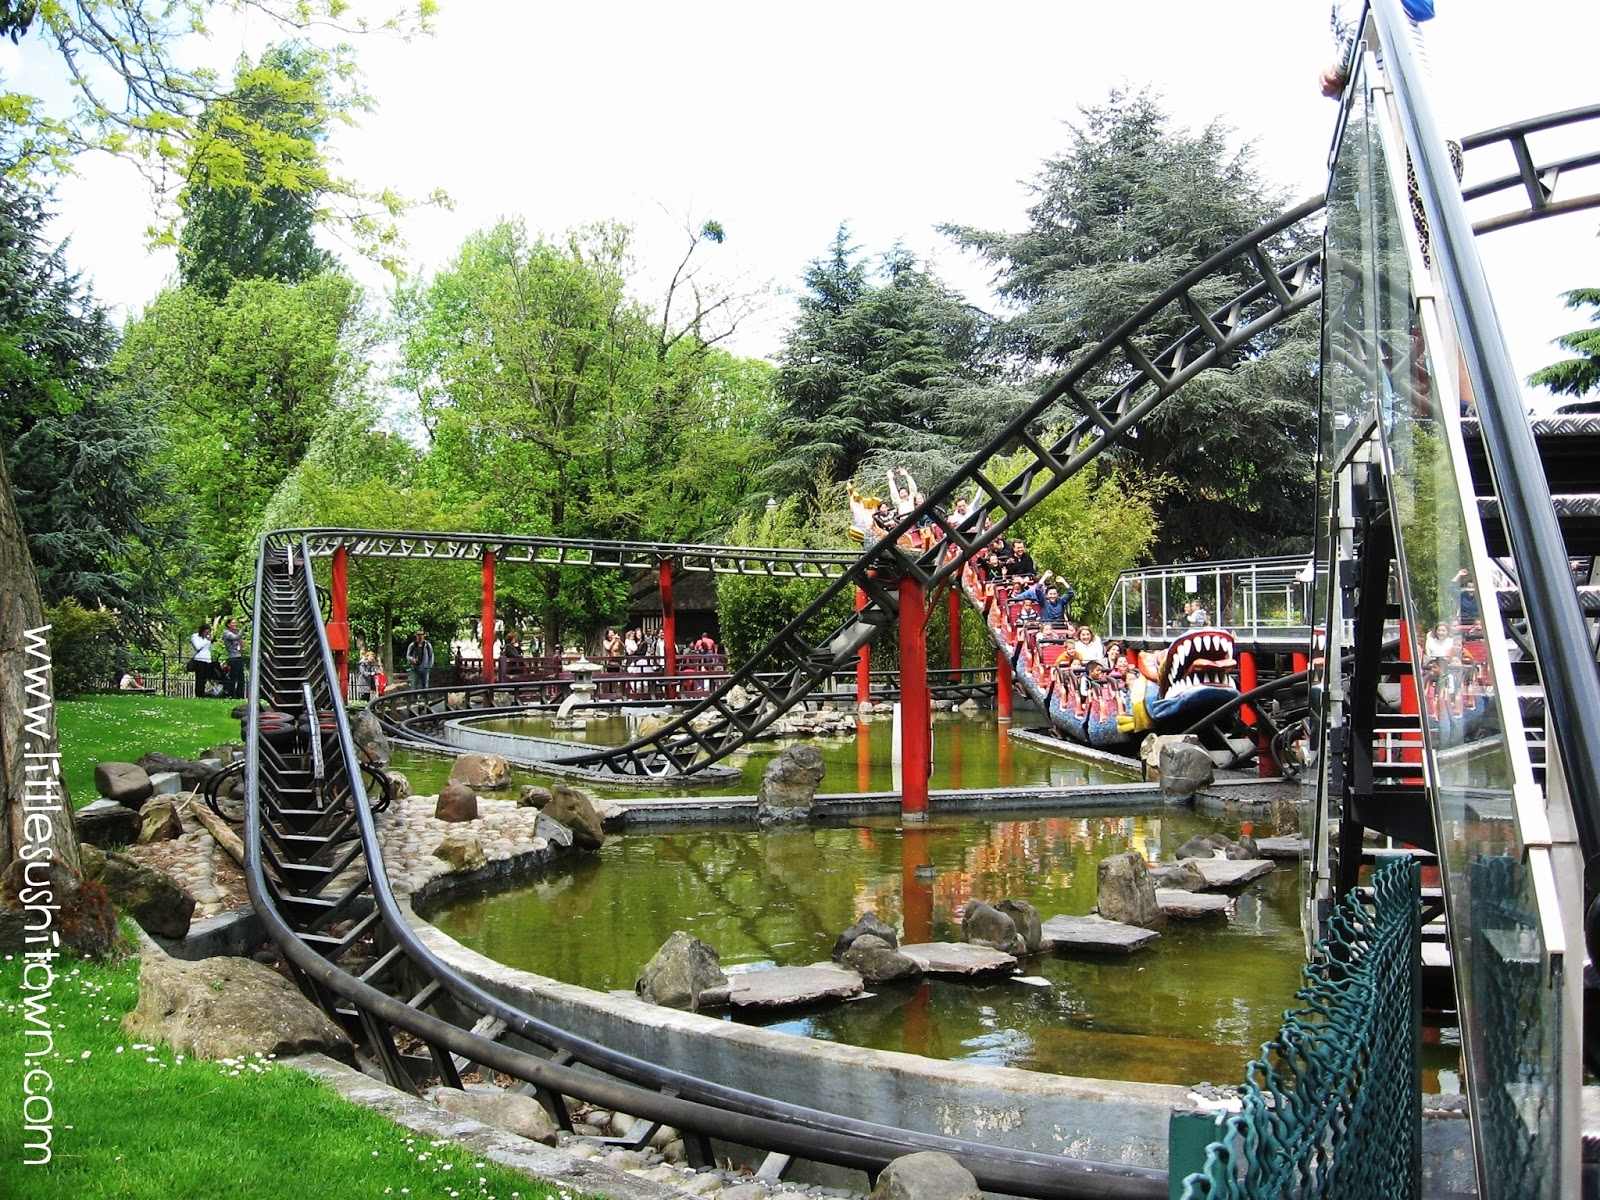 Le Jardin D Acclimatation Cer Sncf Paris Rive Gauche